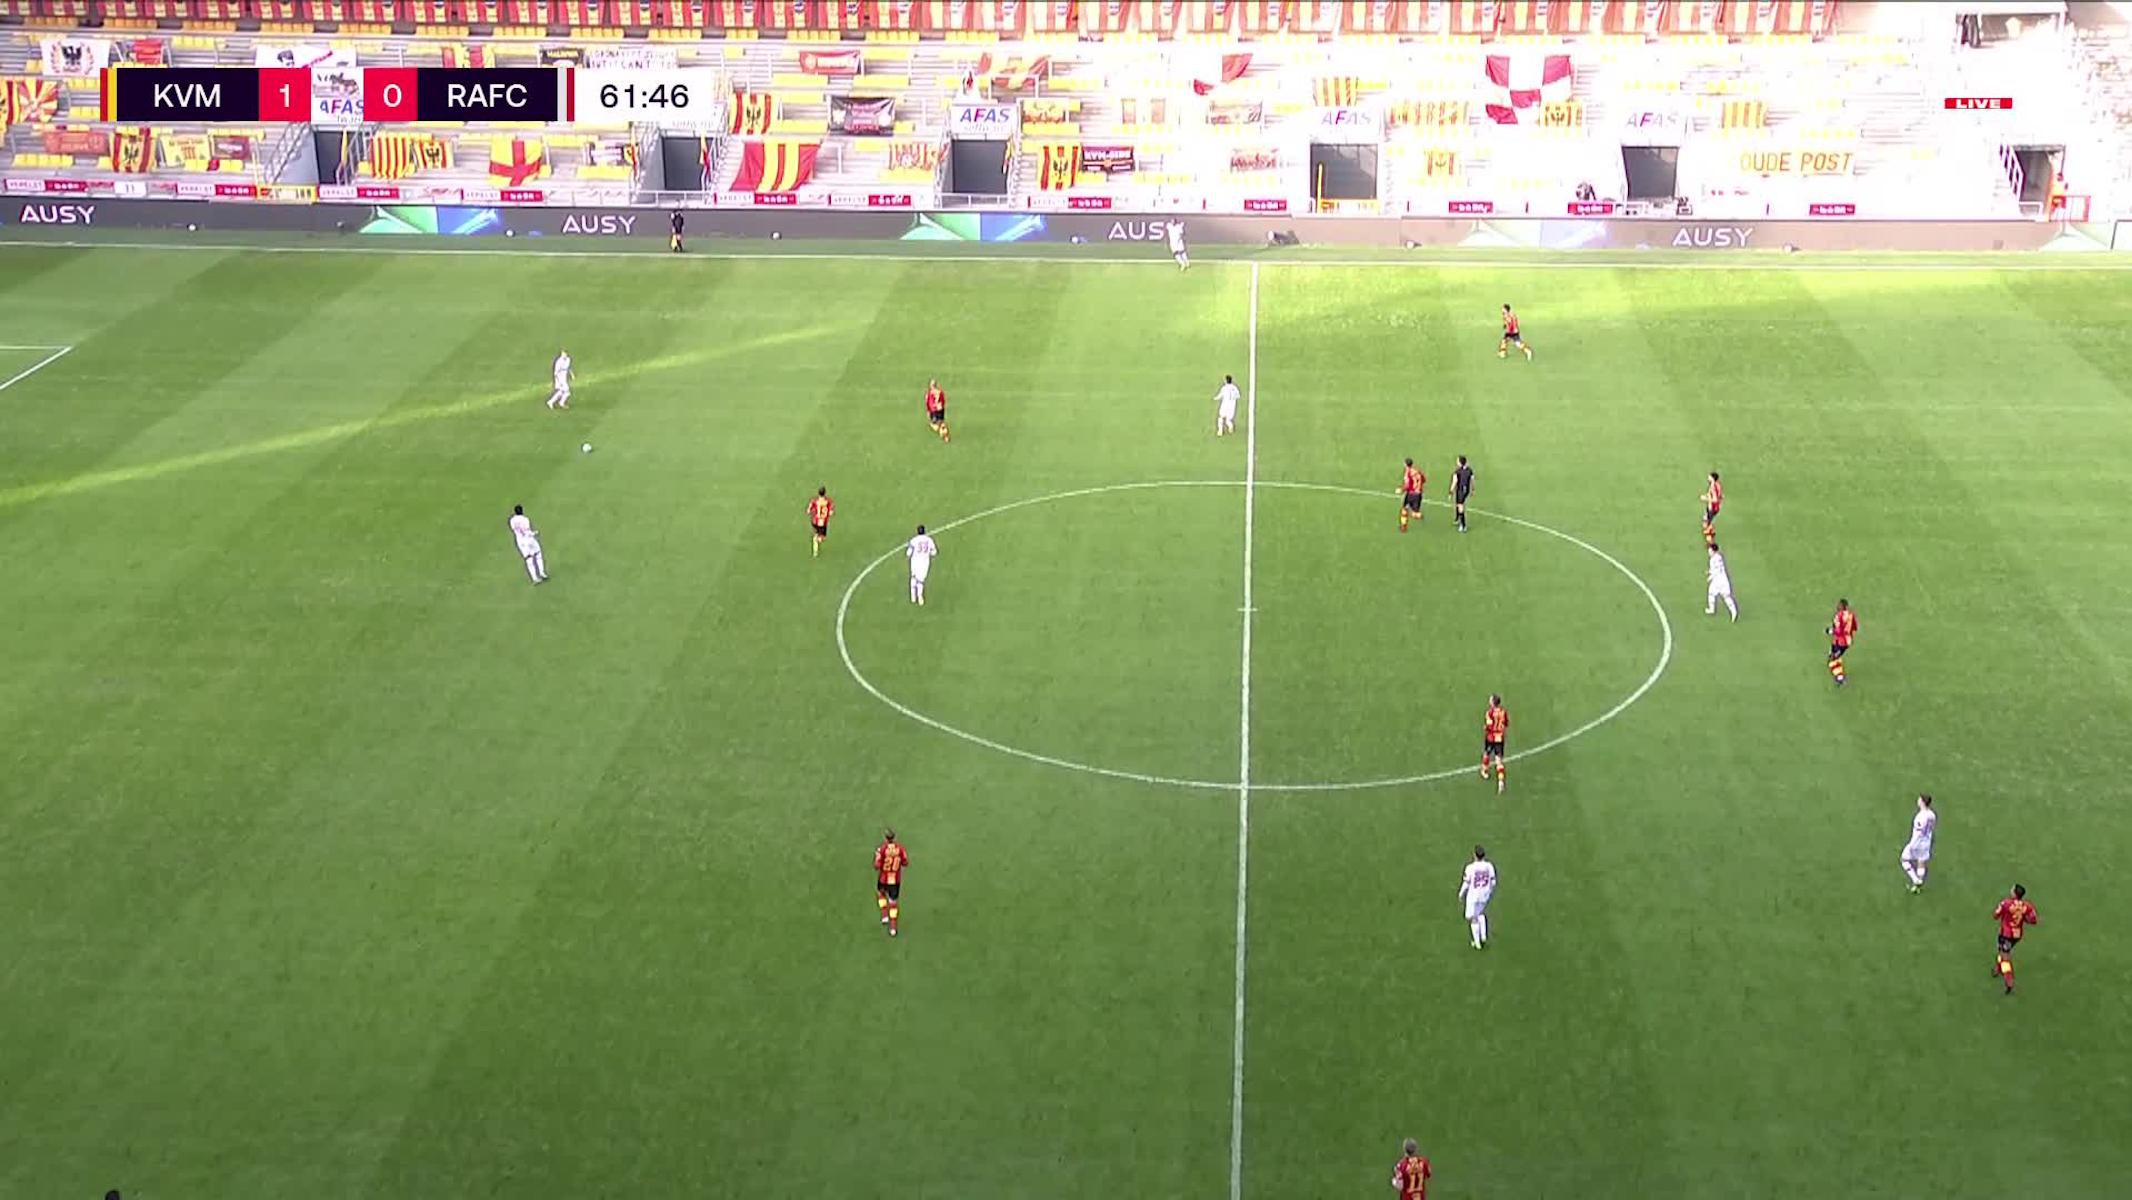 Doelpunt Geoffrey Hairemans (KV Mechelen vs. Royal Antwerp FC)